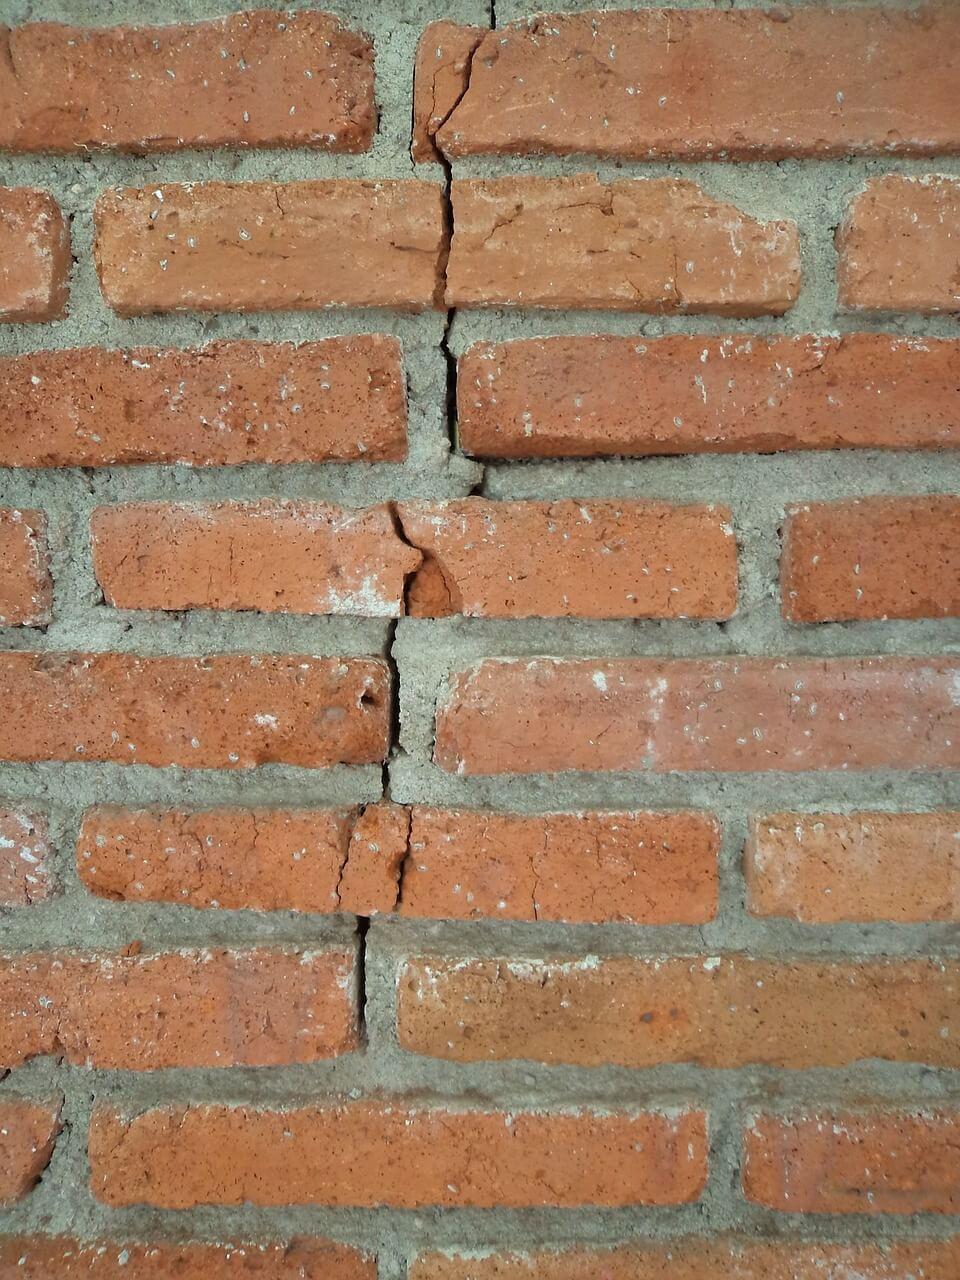 Foundation Brick Repair in Alabama